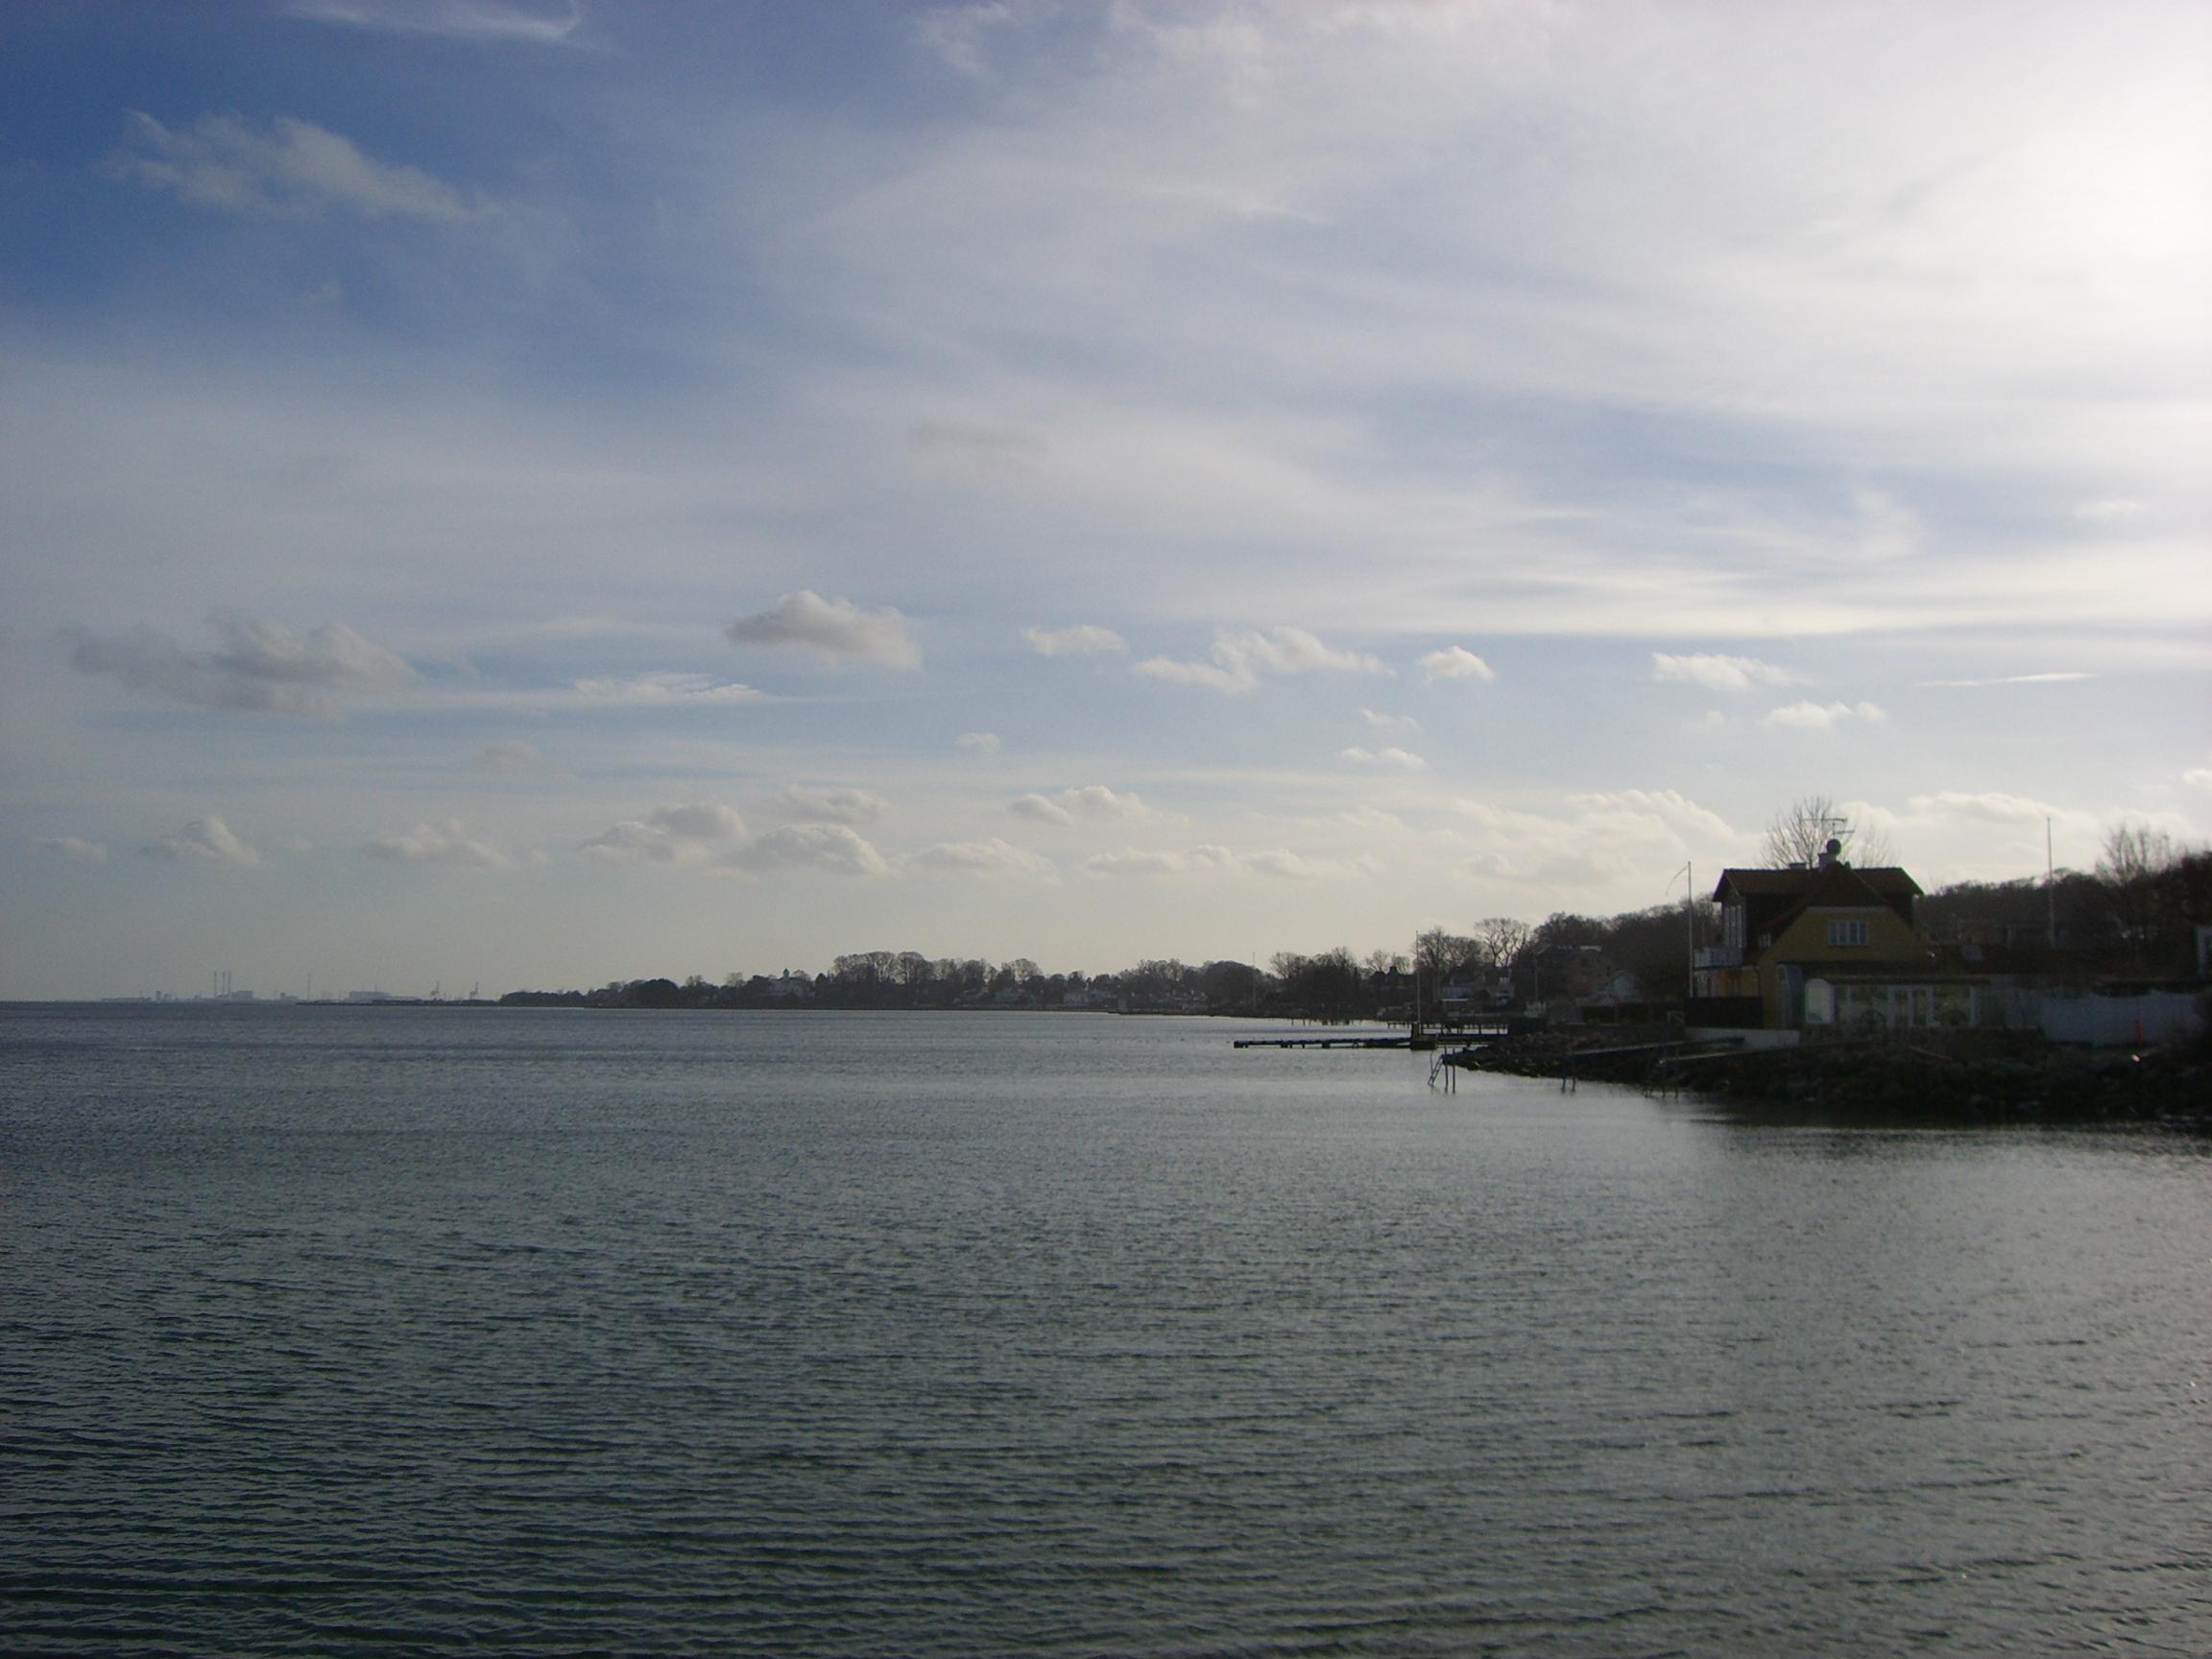 Lyngby 4 Nordlichter Auswandern Und Leben In Dänemark